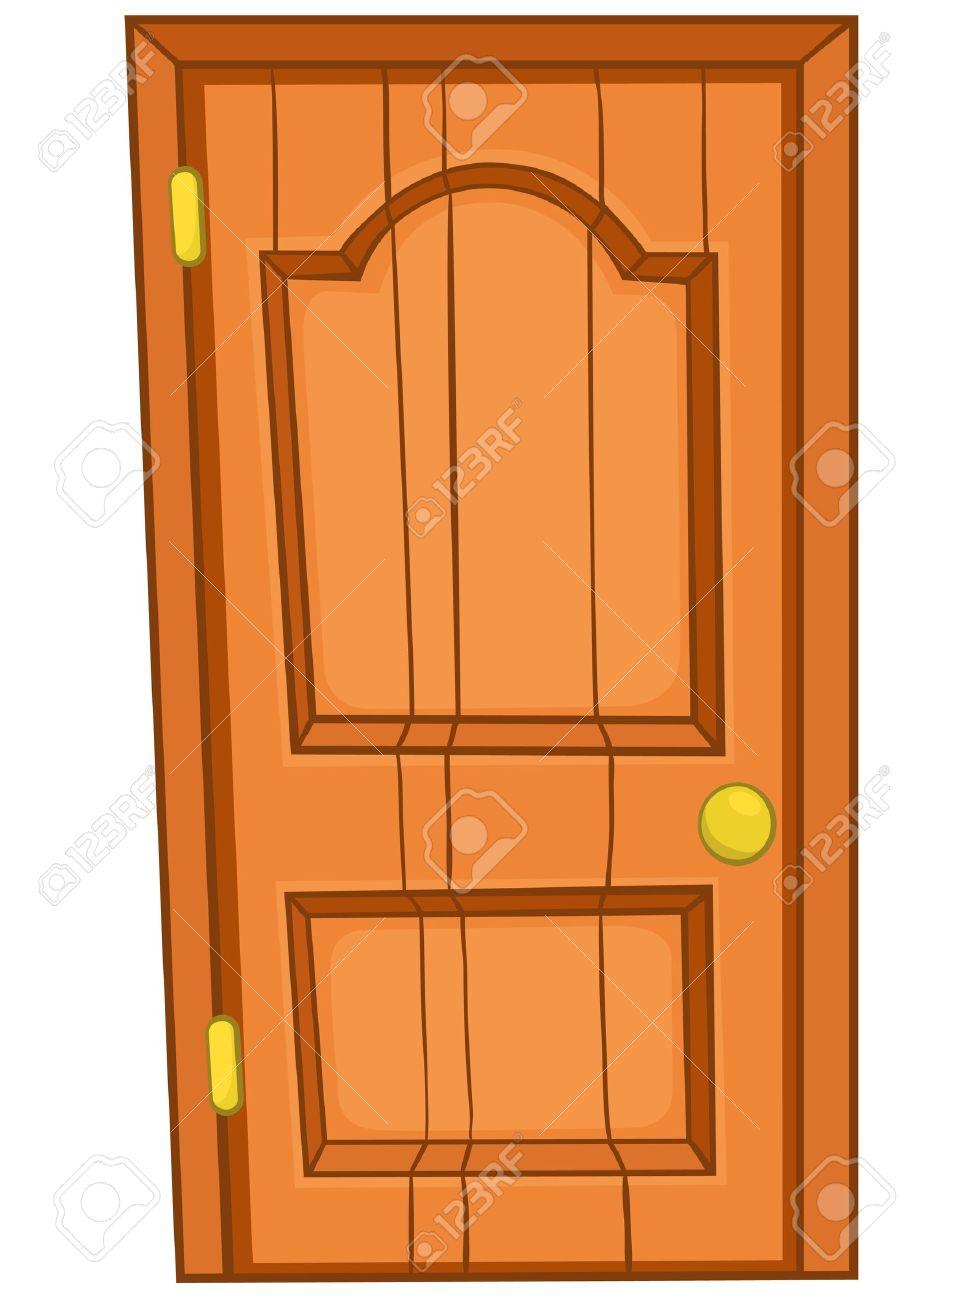 puerta principal puerta principal de dibujos animados